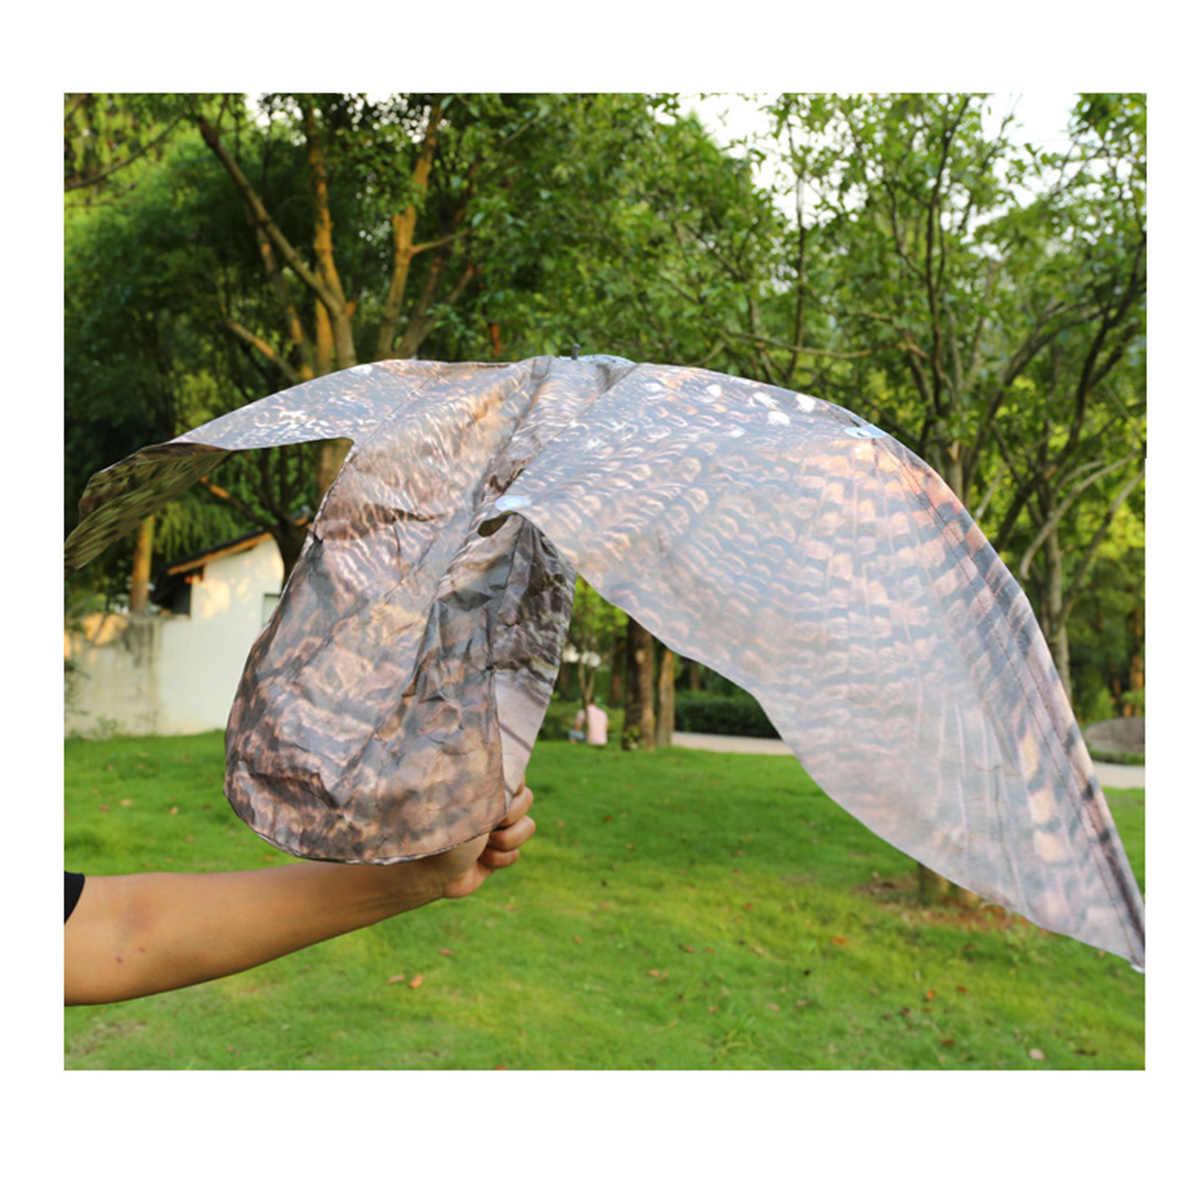 ינשוף דקור מזויף מטלטלין כנפי הרתעה חרקים מטע בובות בית גן קישוט דקור צעצוע עם כנפיים